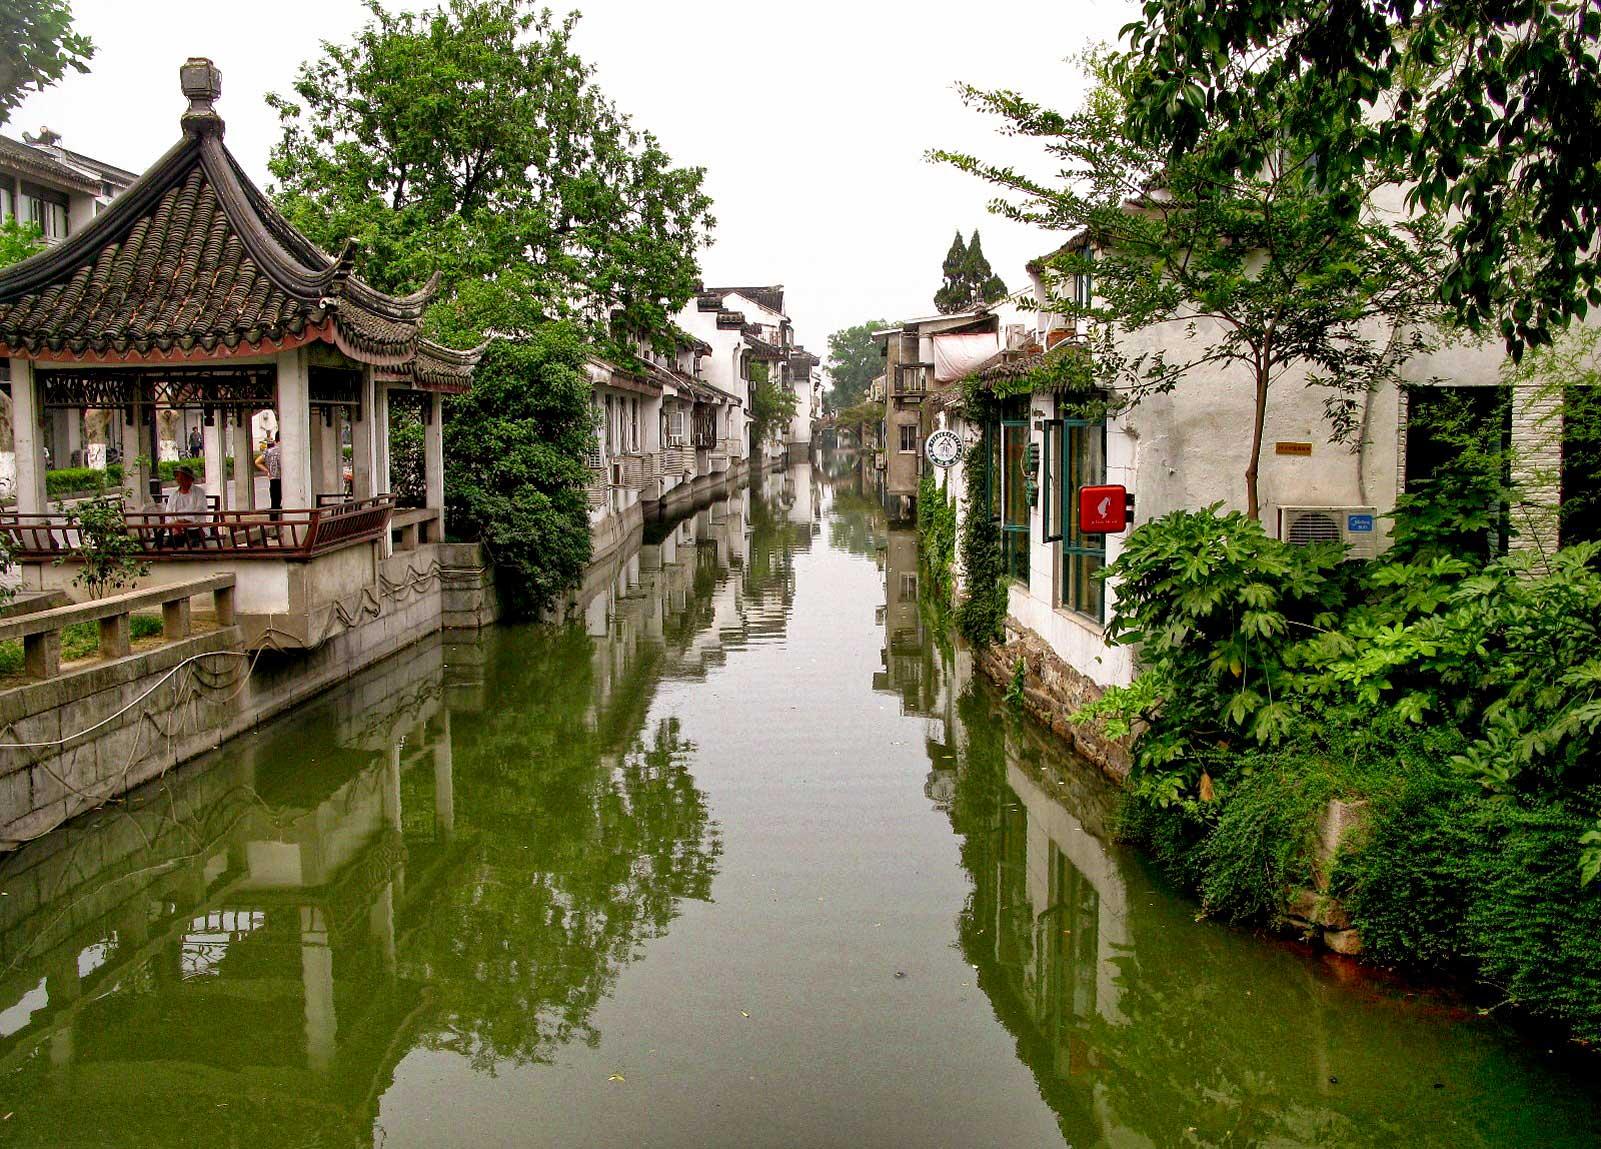 Sozhou, grad sa najlepšim baštama na svetu - Page 3 Suzhou-China-china-41909218-1601-1149